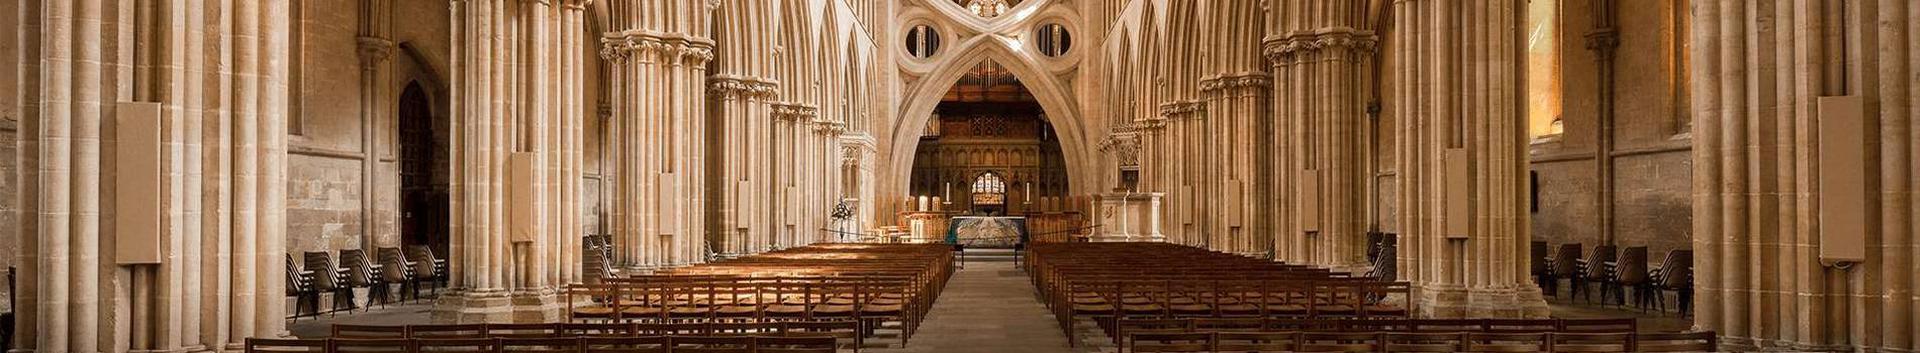 94911_kirikute-klooster-kogudus-tegevus_70900100_xl.jpg